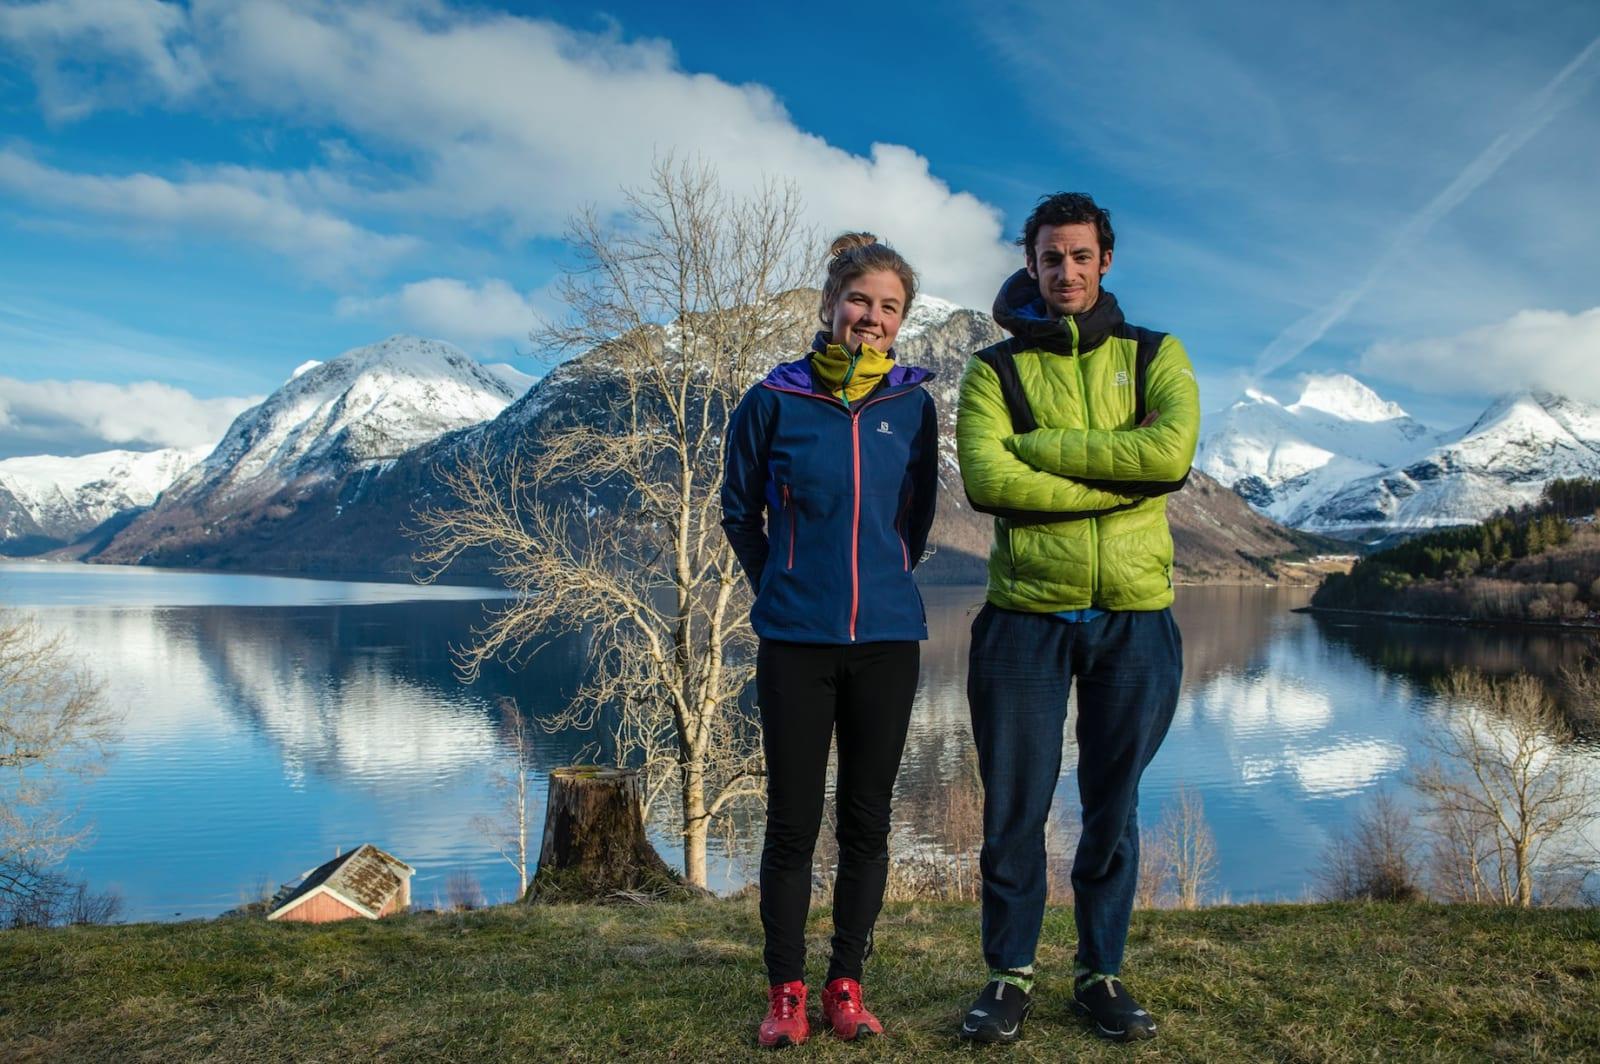 Kilian Jornet og Emelie Forsberg hjemme i Rauma. Foto: Matti Bernitz